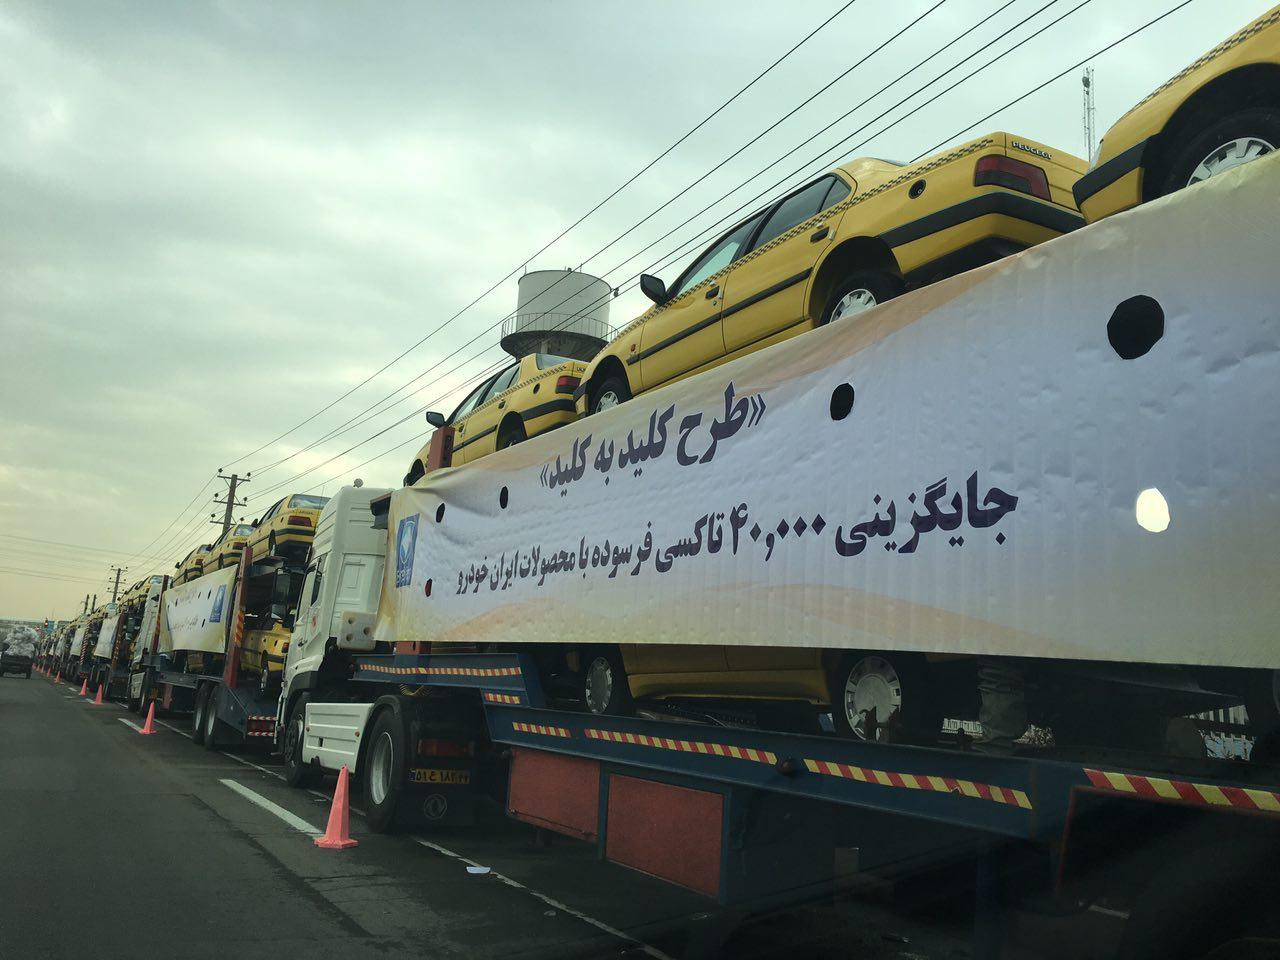 ۴۰ هزار تاکسی های فرسوده جایگزین شد